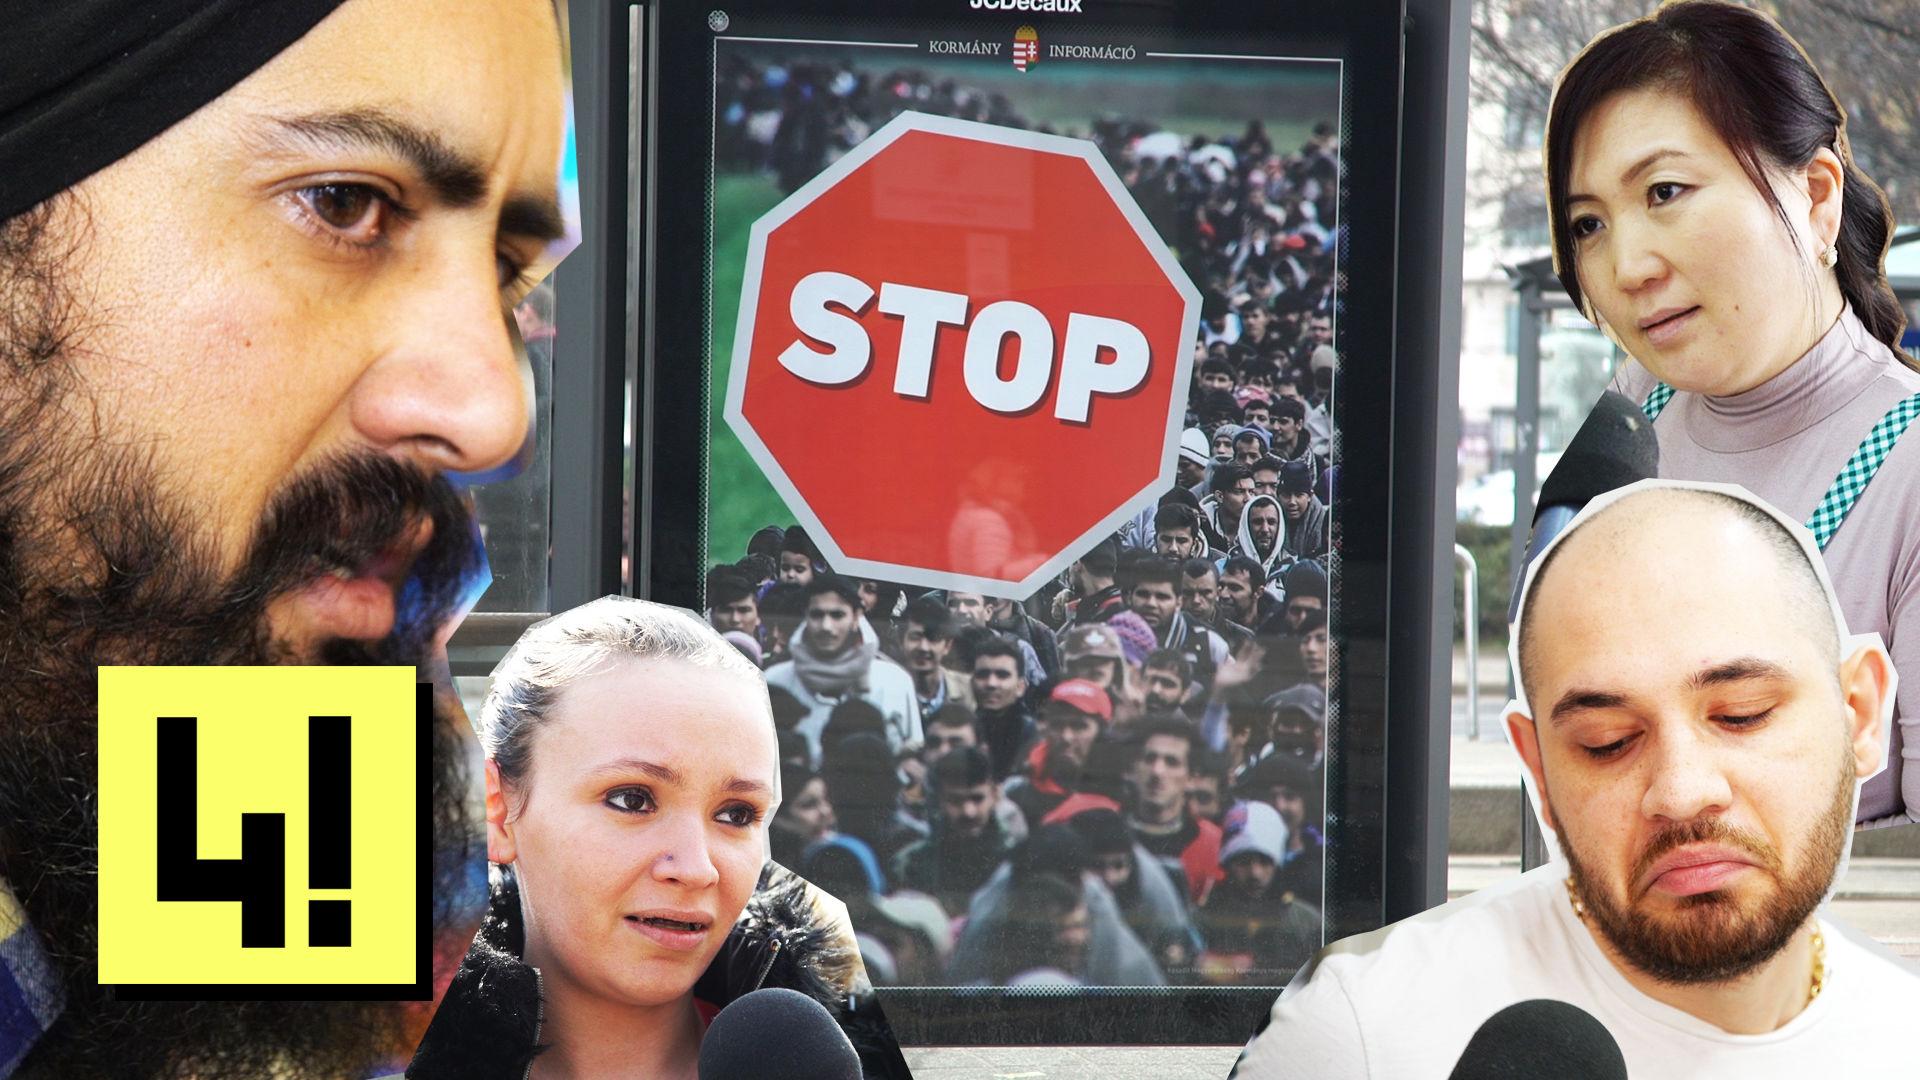 Stop-plakát: akkor ez ilyen rasszista típusú?